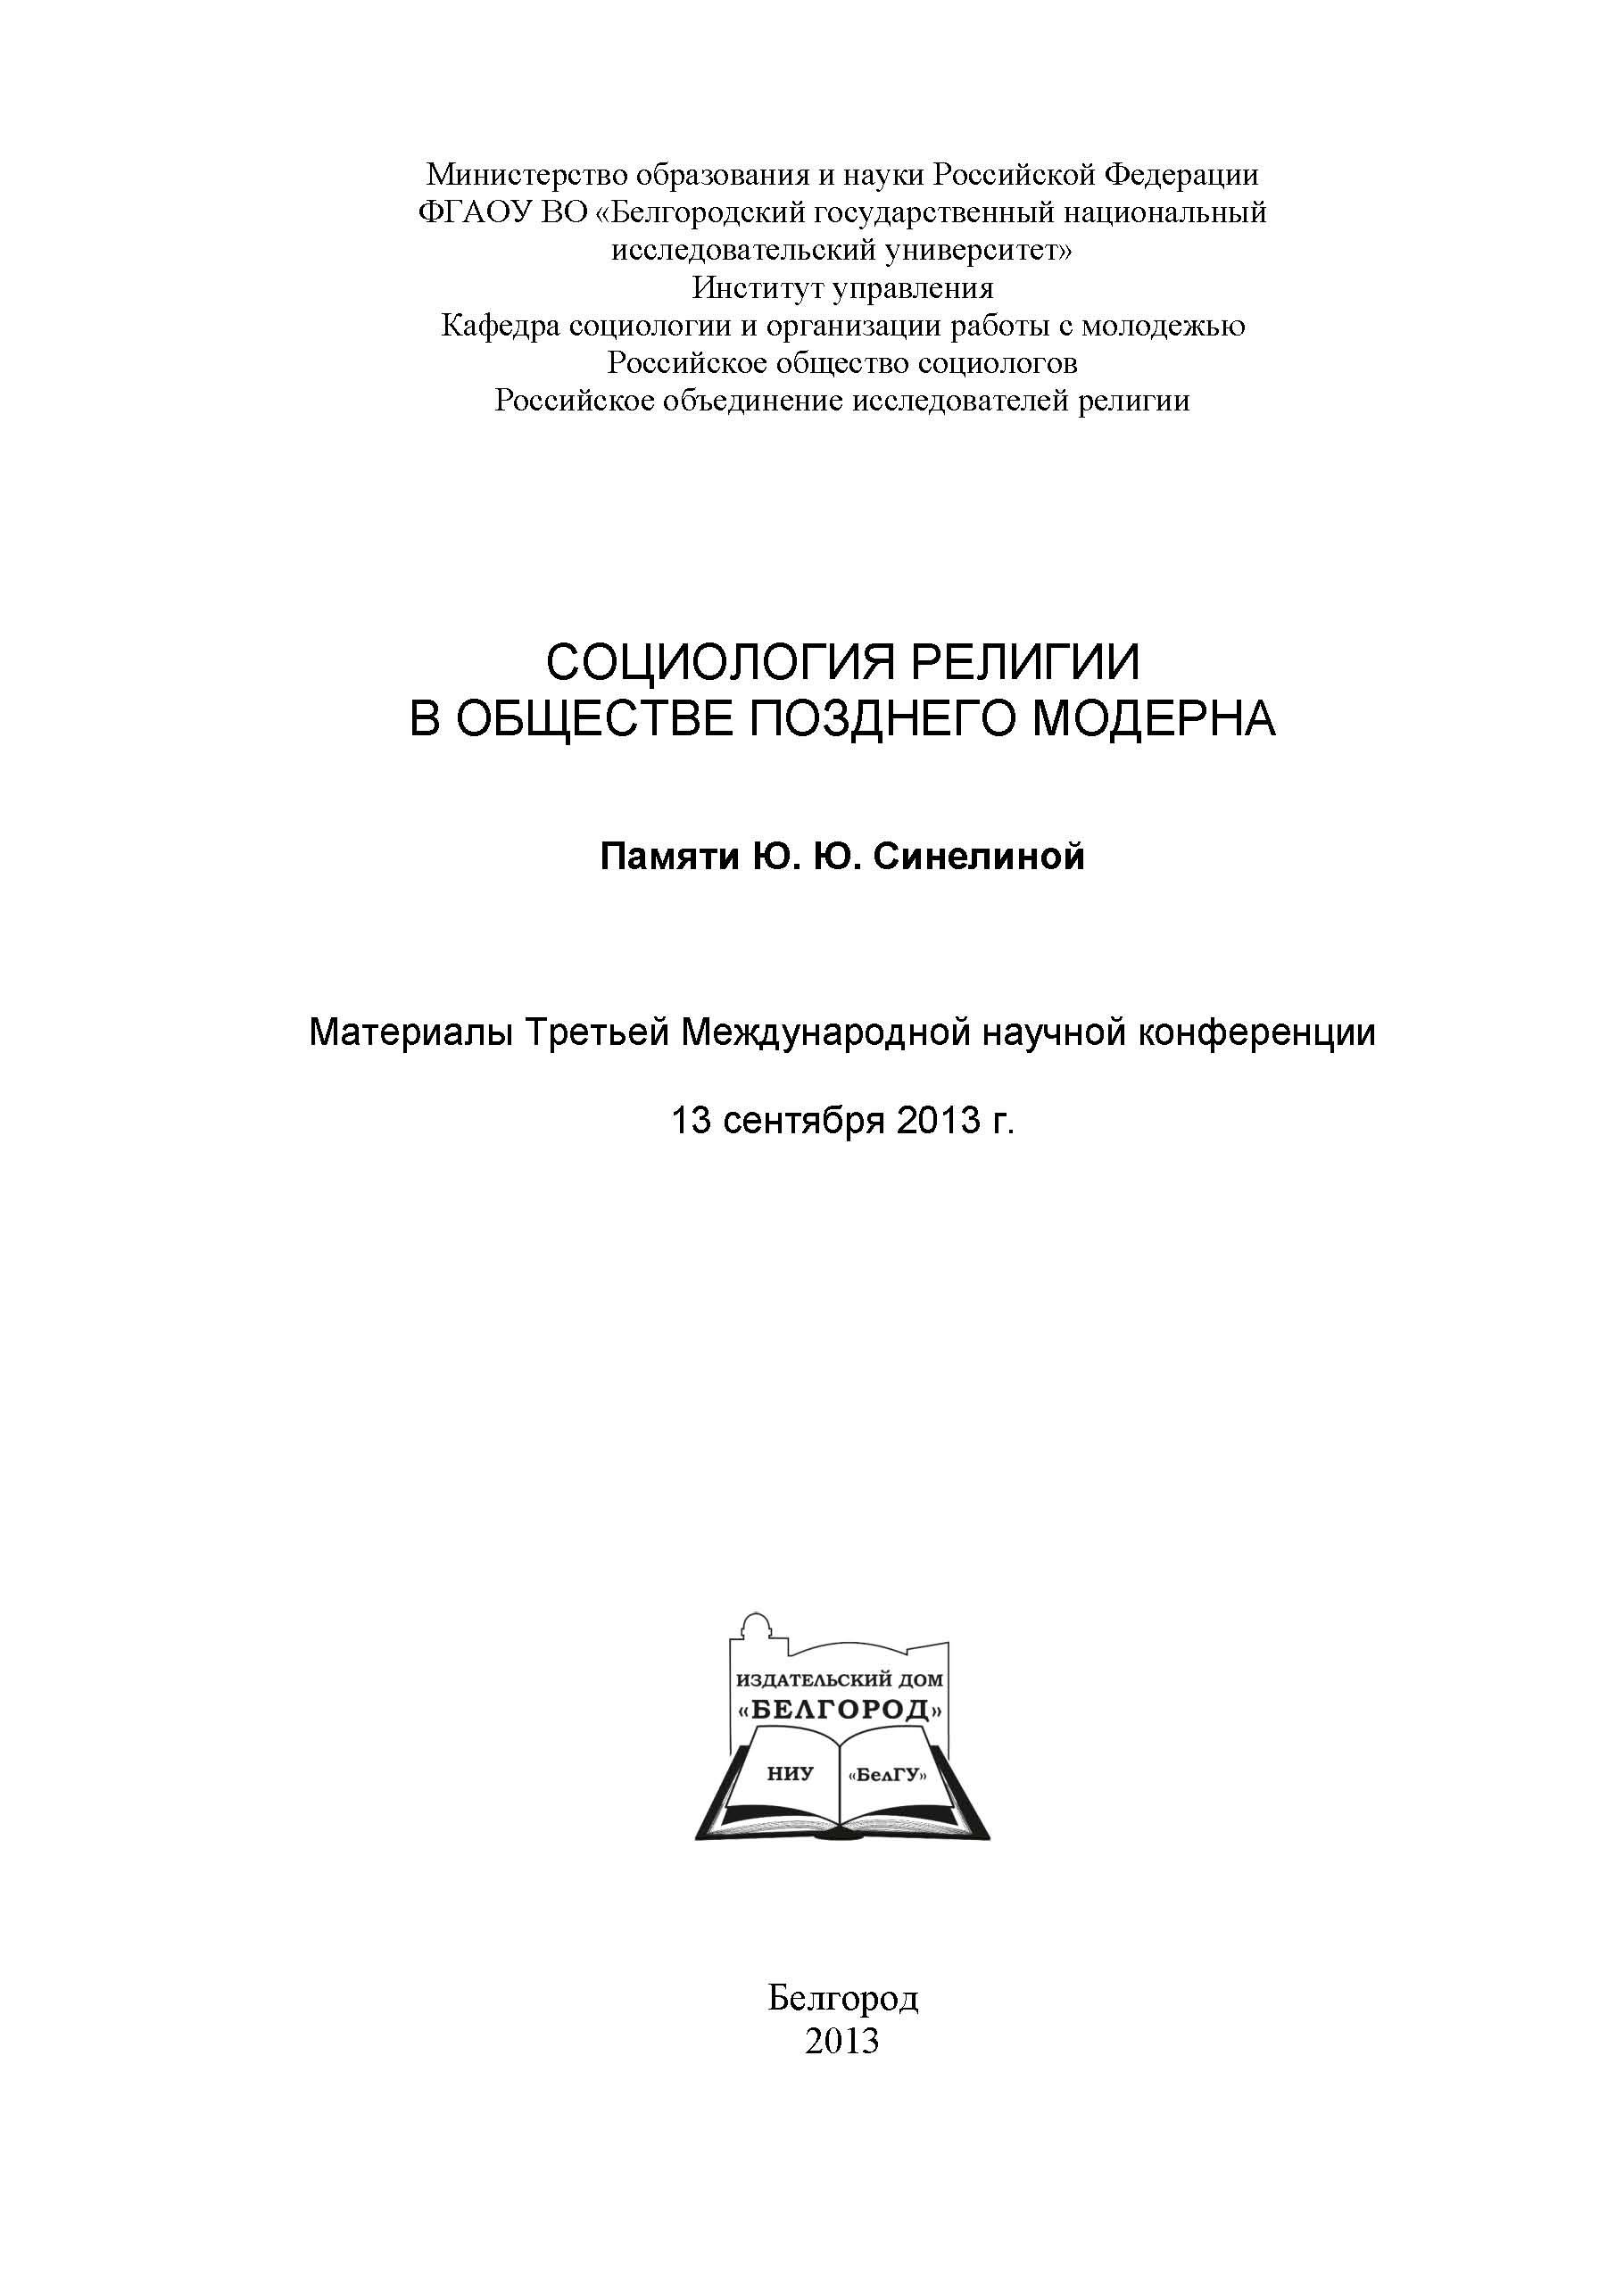 Отношение мыслителей римско-католической и греко-православной церквей к демократическим ценностям в реформаторско-протестанскую эпоху